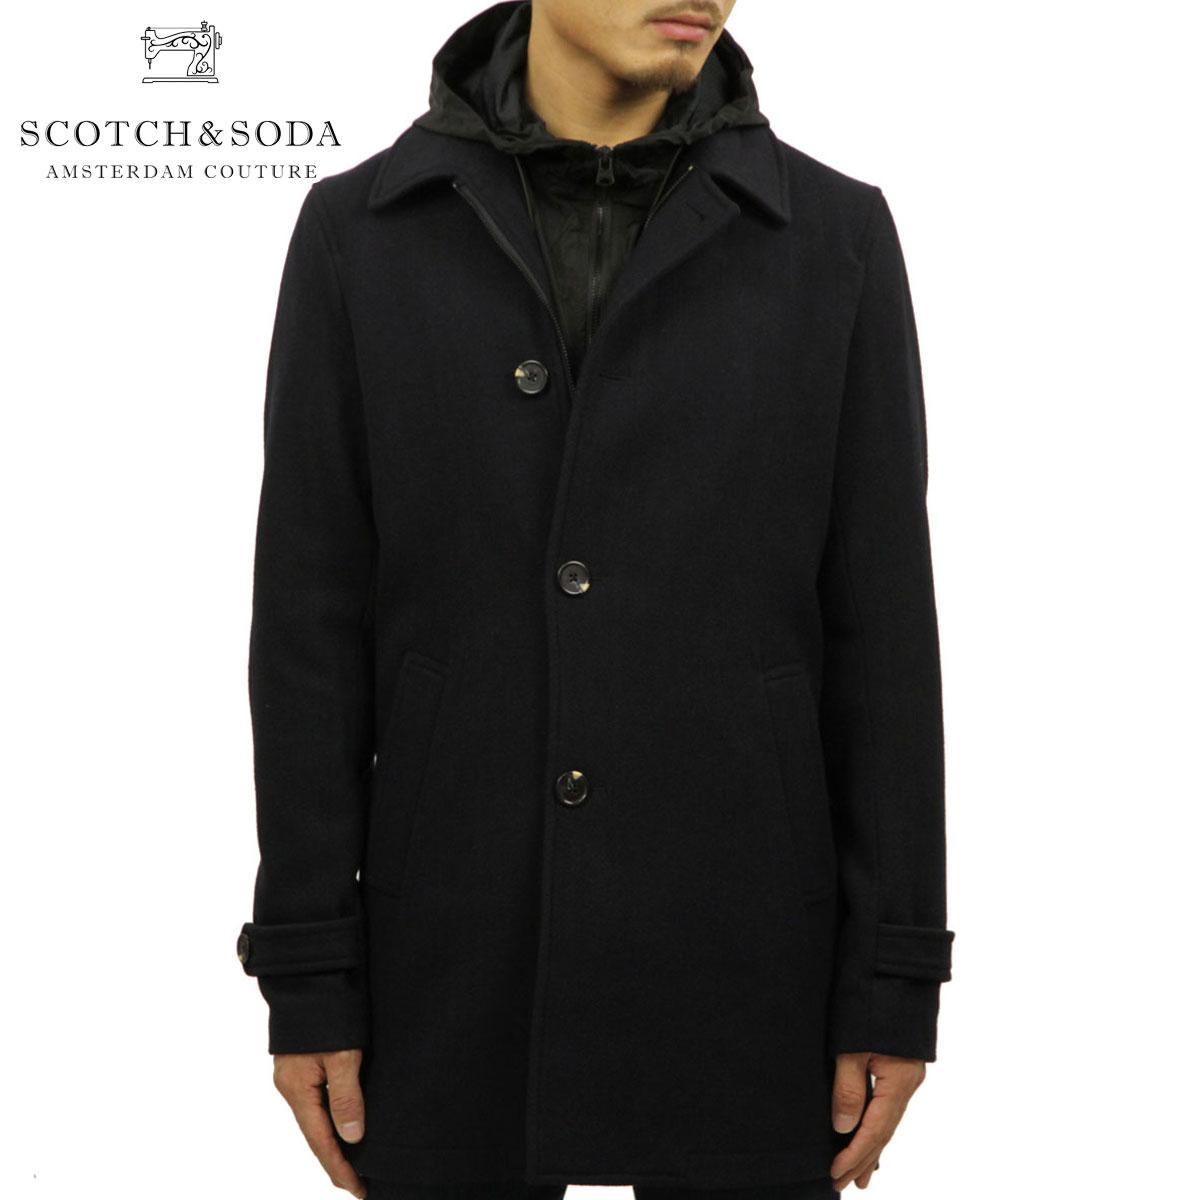 スコッチアンドソーダ SCOTCH&SODA 正規販売店 メンズ アウター トレンチコート CLASSIC WOOL BLEND COAT JACKET 145174 0002 61133 NIGHT